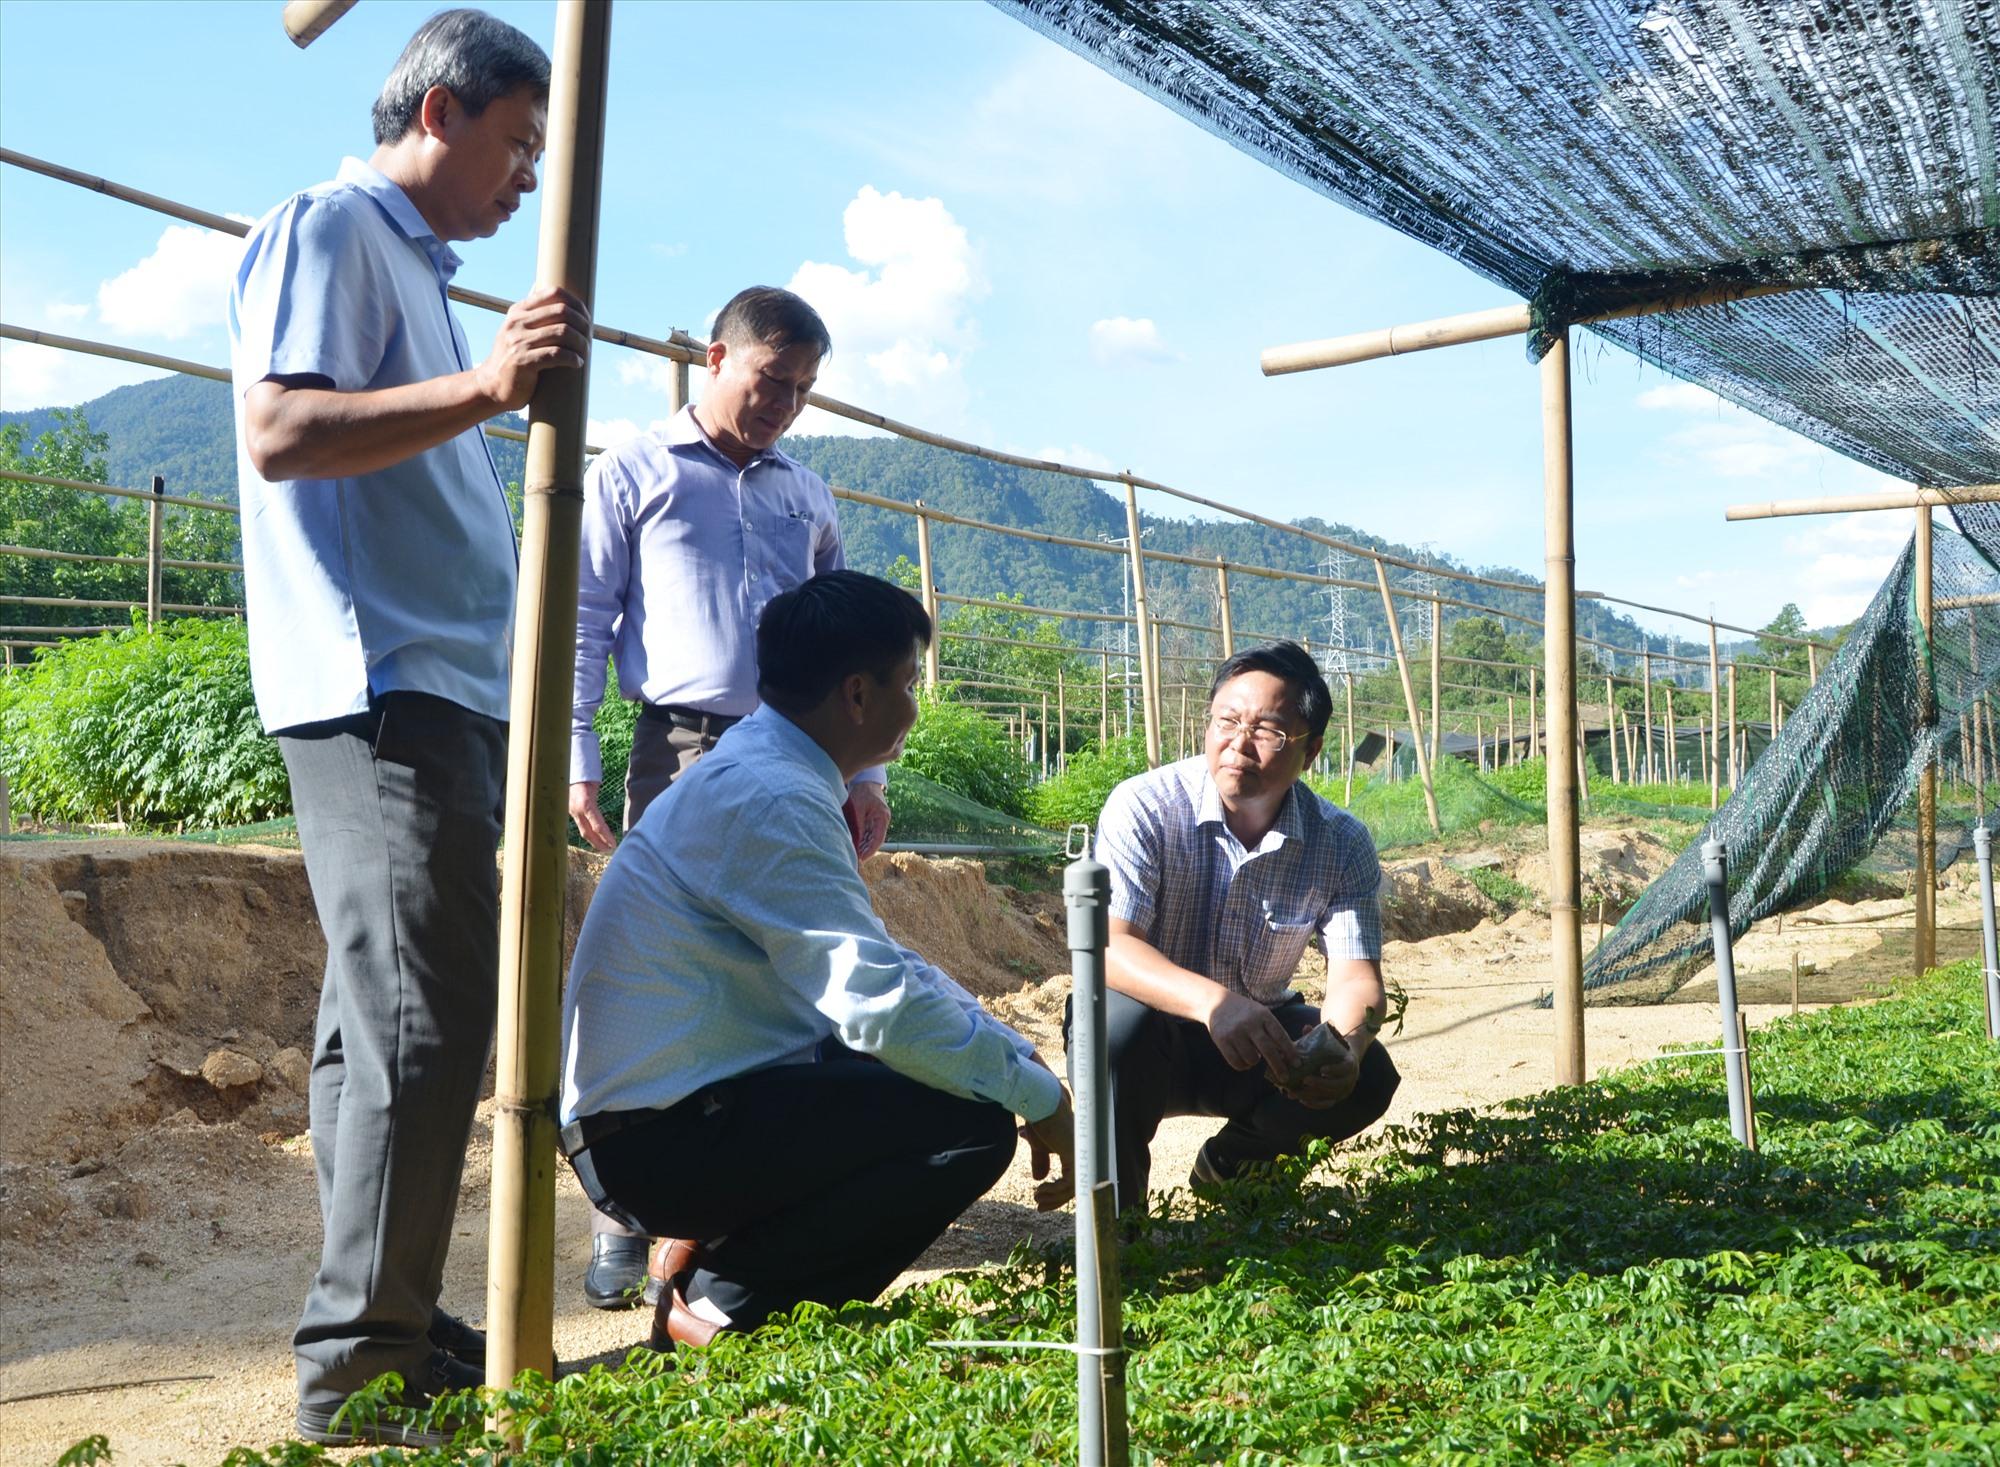 Chủ tịch UBND tỉnh Lê Trí Thanh và Phó Chủ tịch UBND tỉnh Hồ Quang Bửu kiểm tra vườn ươm cây giống tại Vườn quốc gia Sông Thanh.Ảnh: H.P